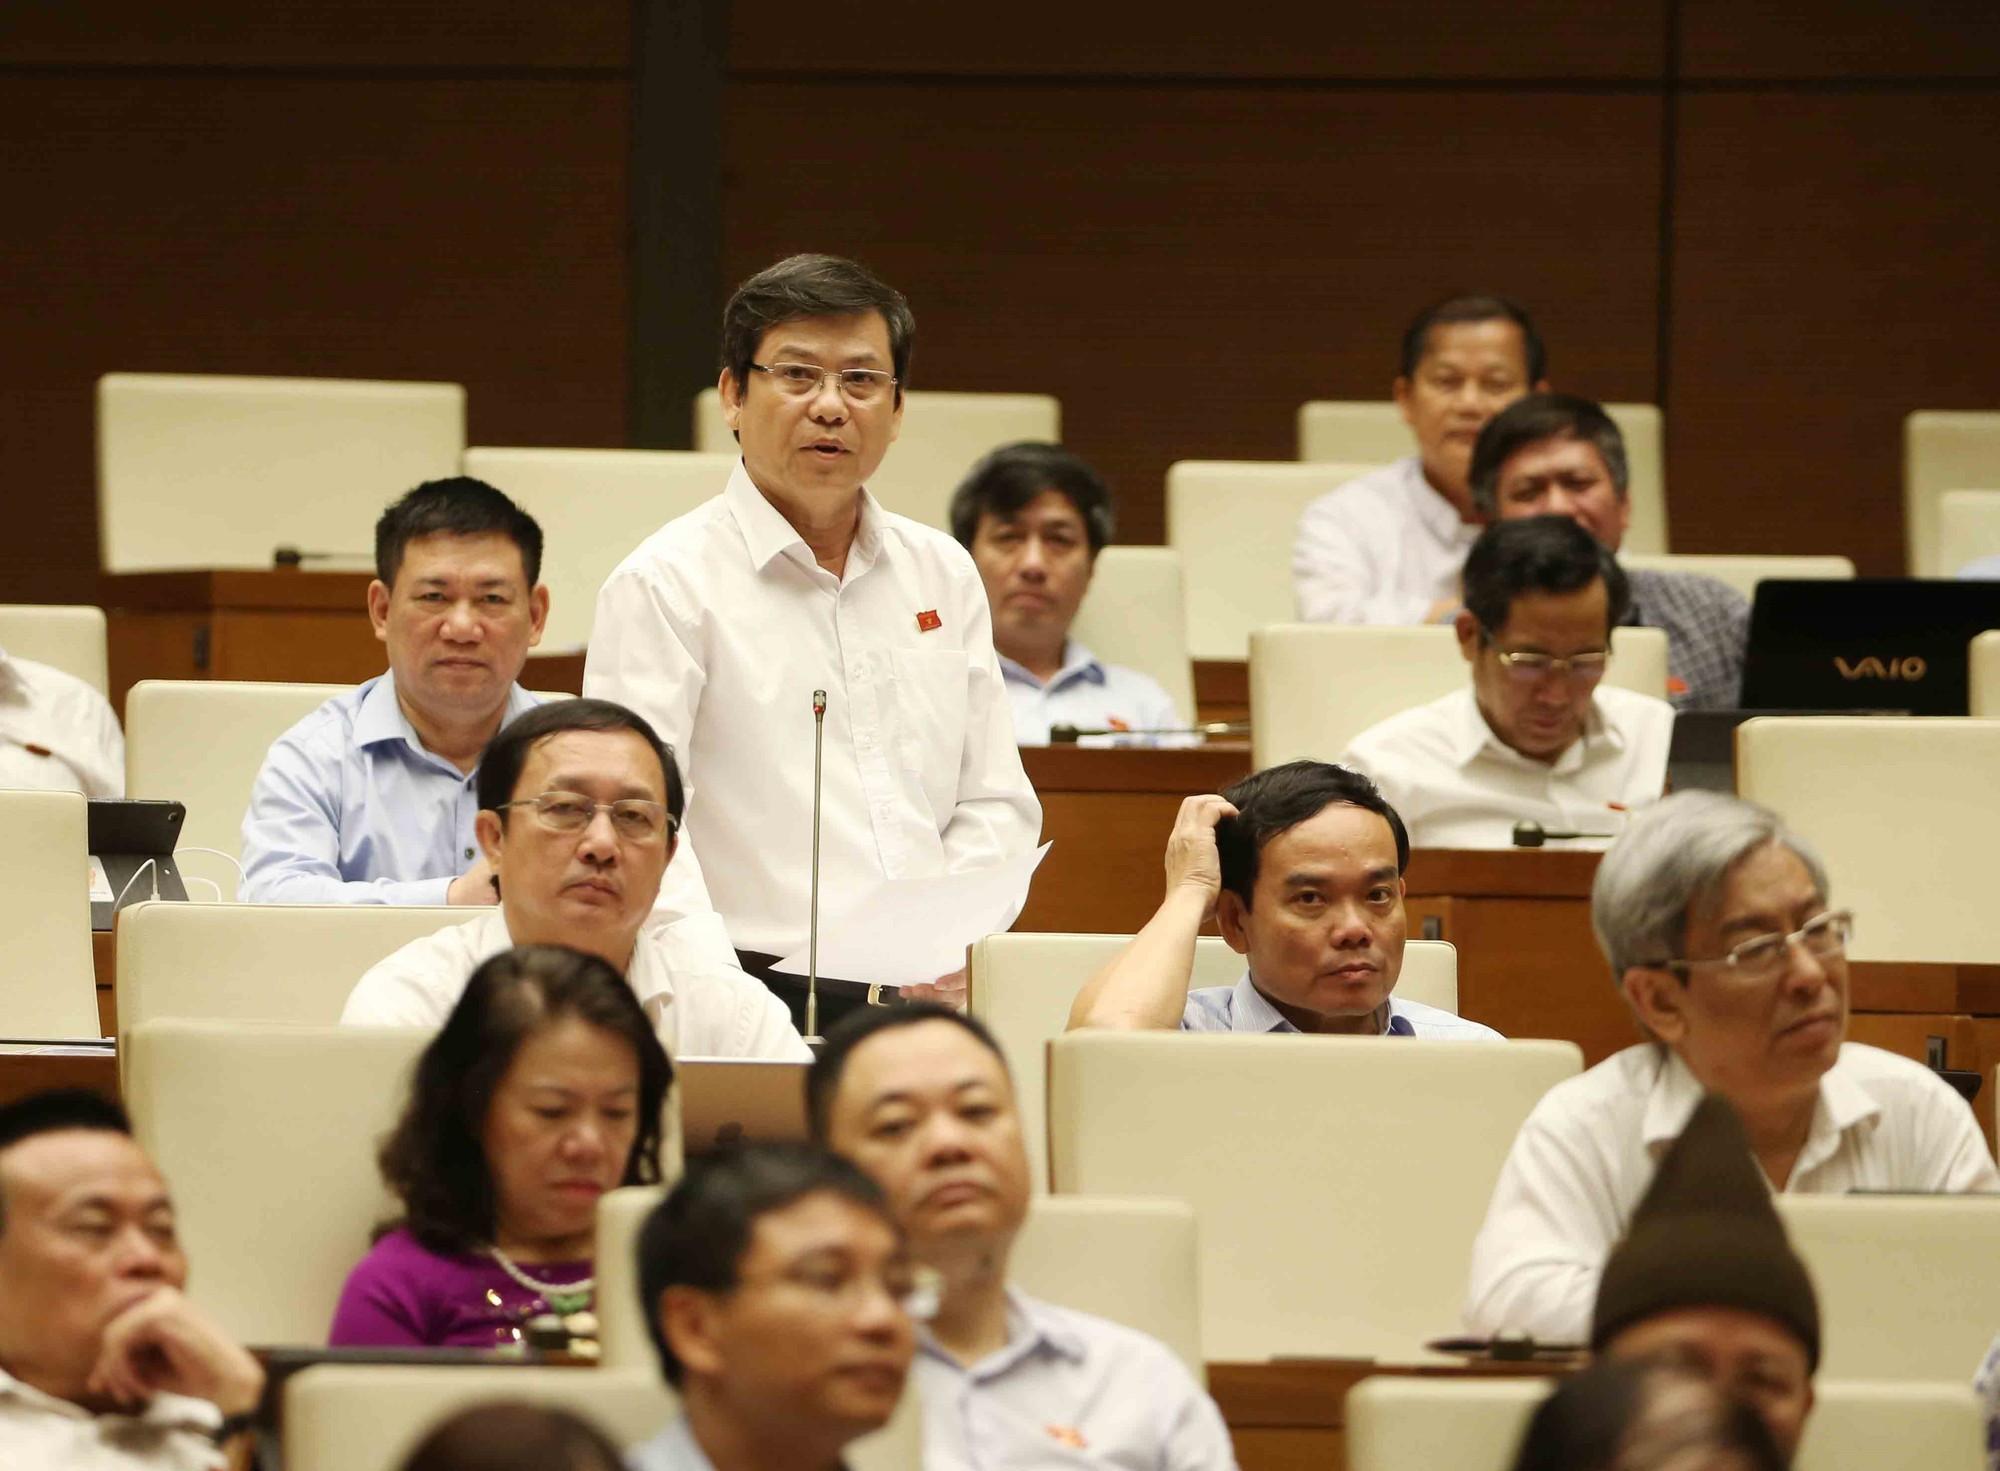 [Video] Bộ trưởng Phạm Hồng Hà: Trụ sở các cơ quan nhà nước chưa được bàn giao nên chưa xử lý - Ảnh 5.